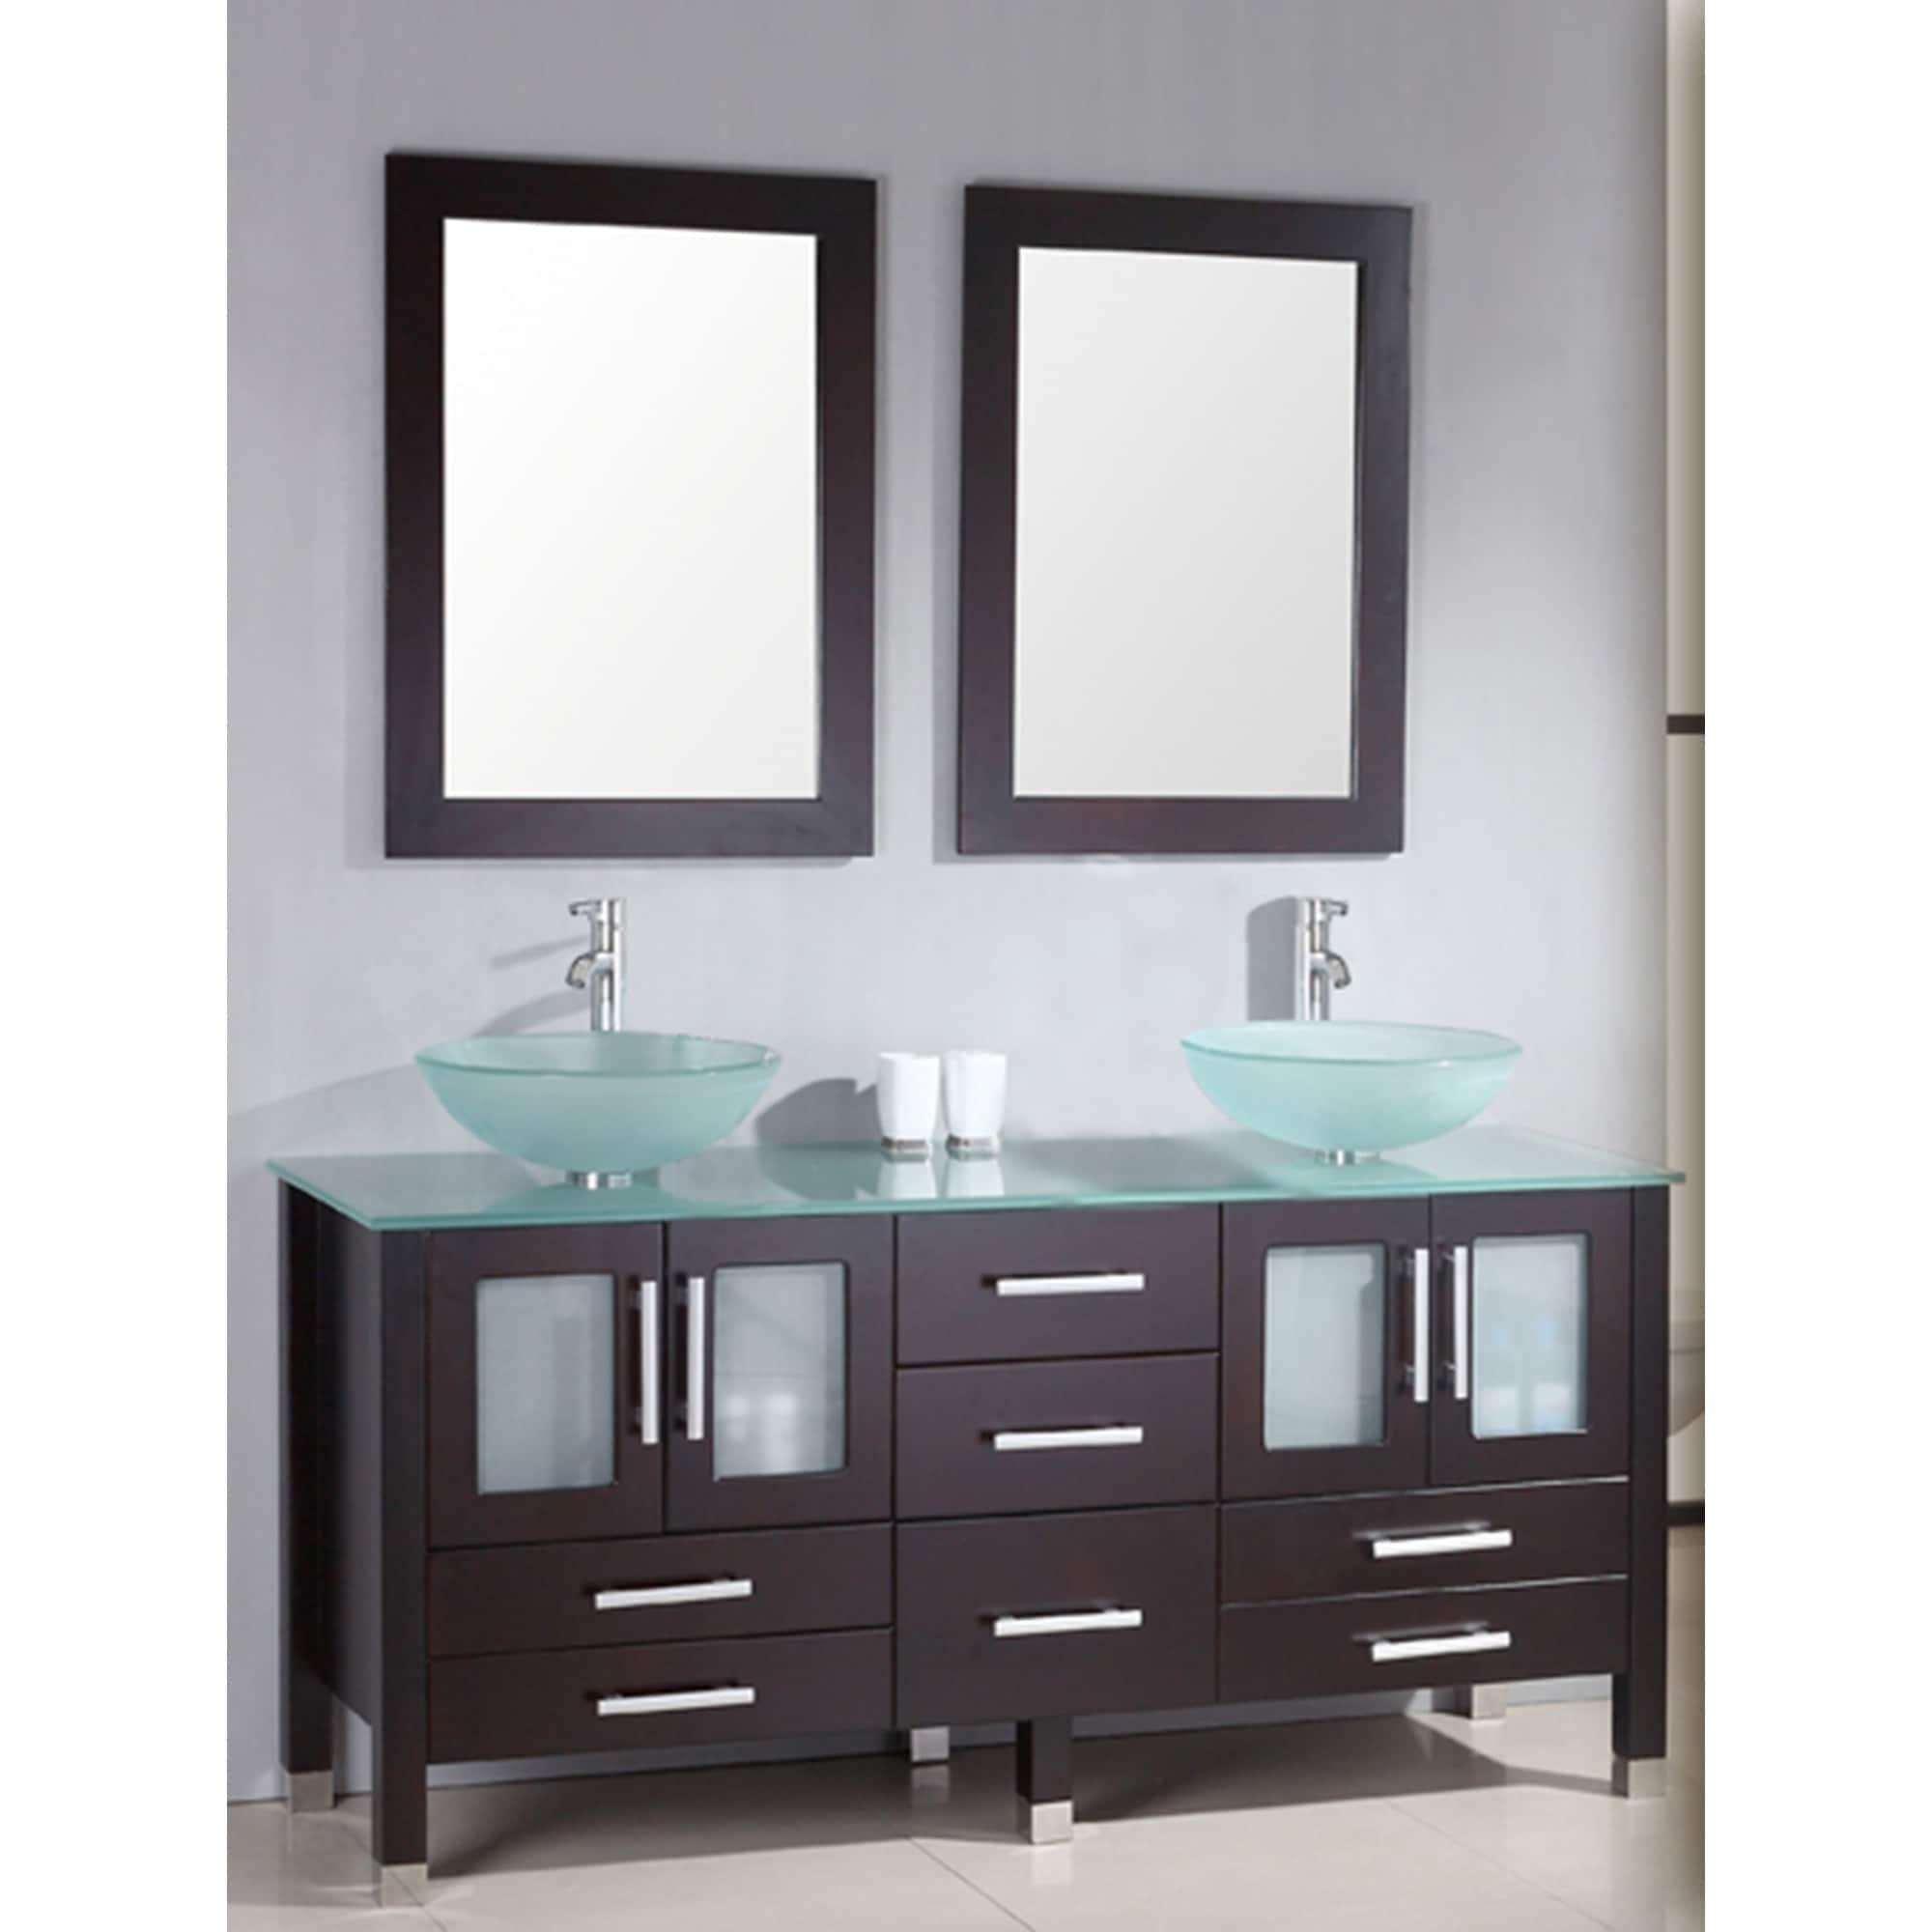 64 inch double sink bathroom vanity. Cambridge Plumbing Espresso finished Oakwood Double sink  64 inch double bathroom vanity Fixtures Compare